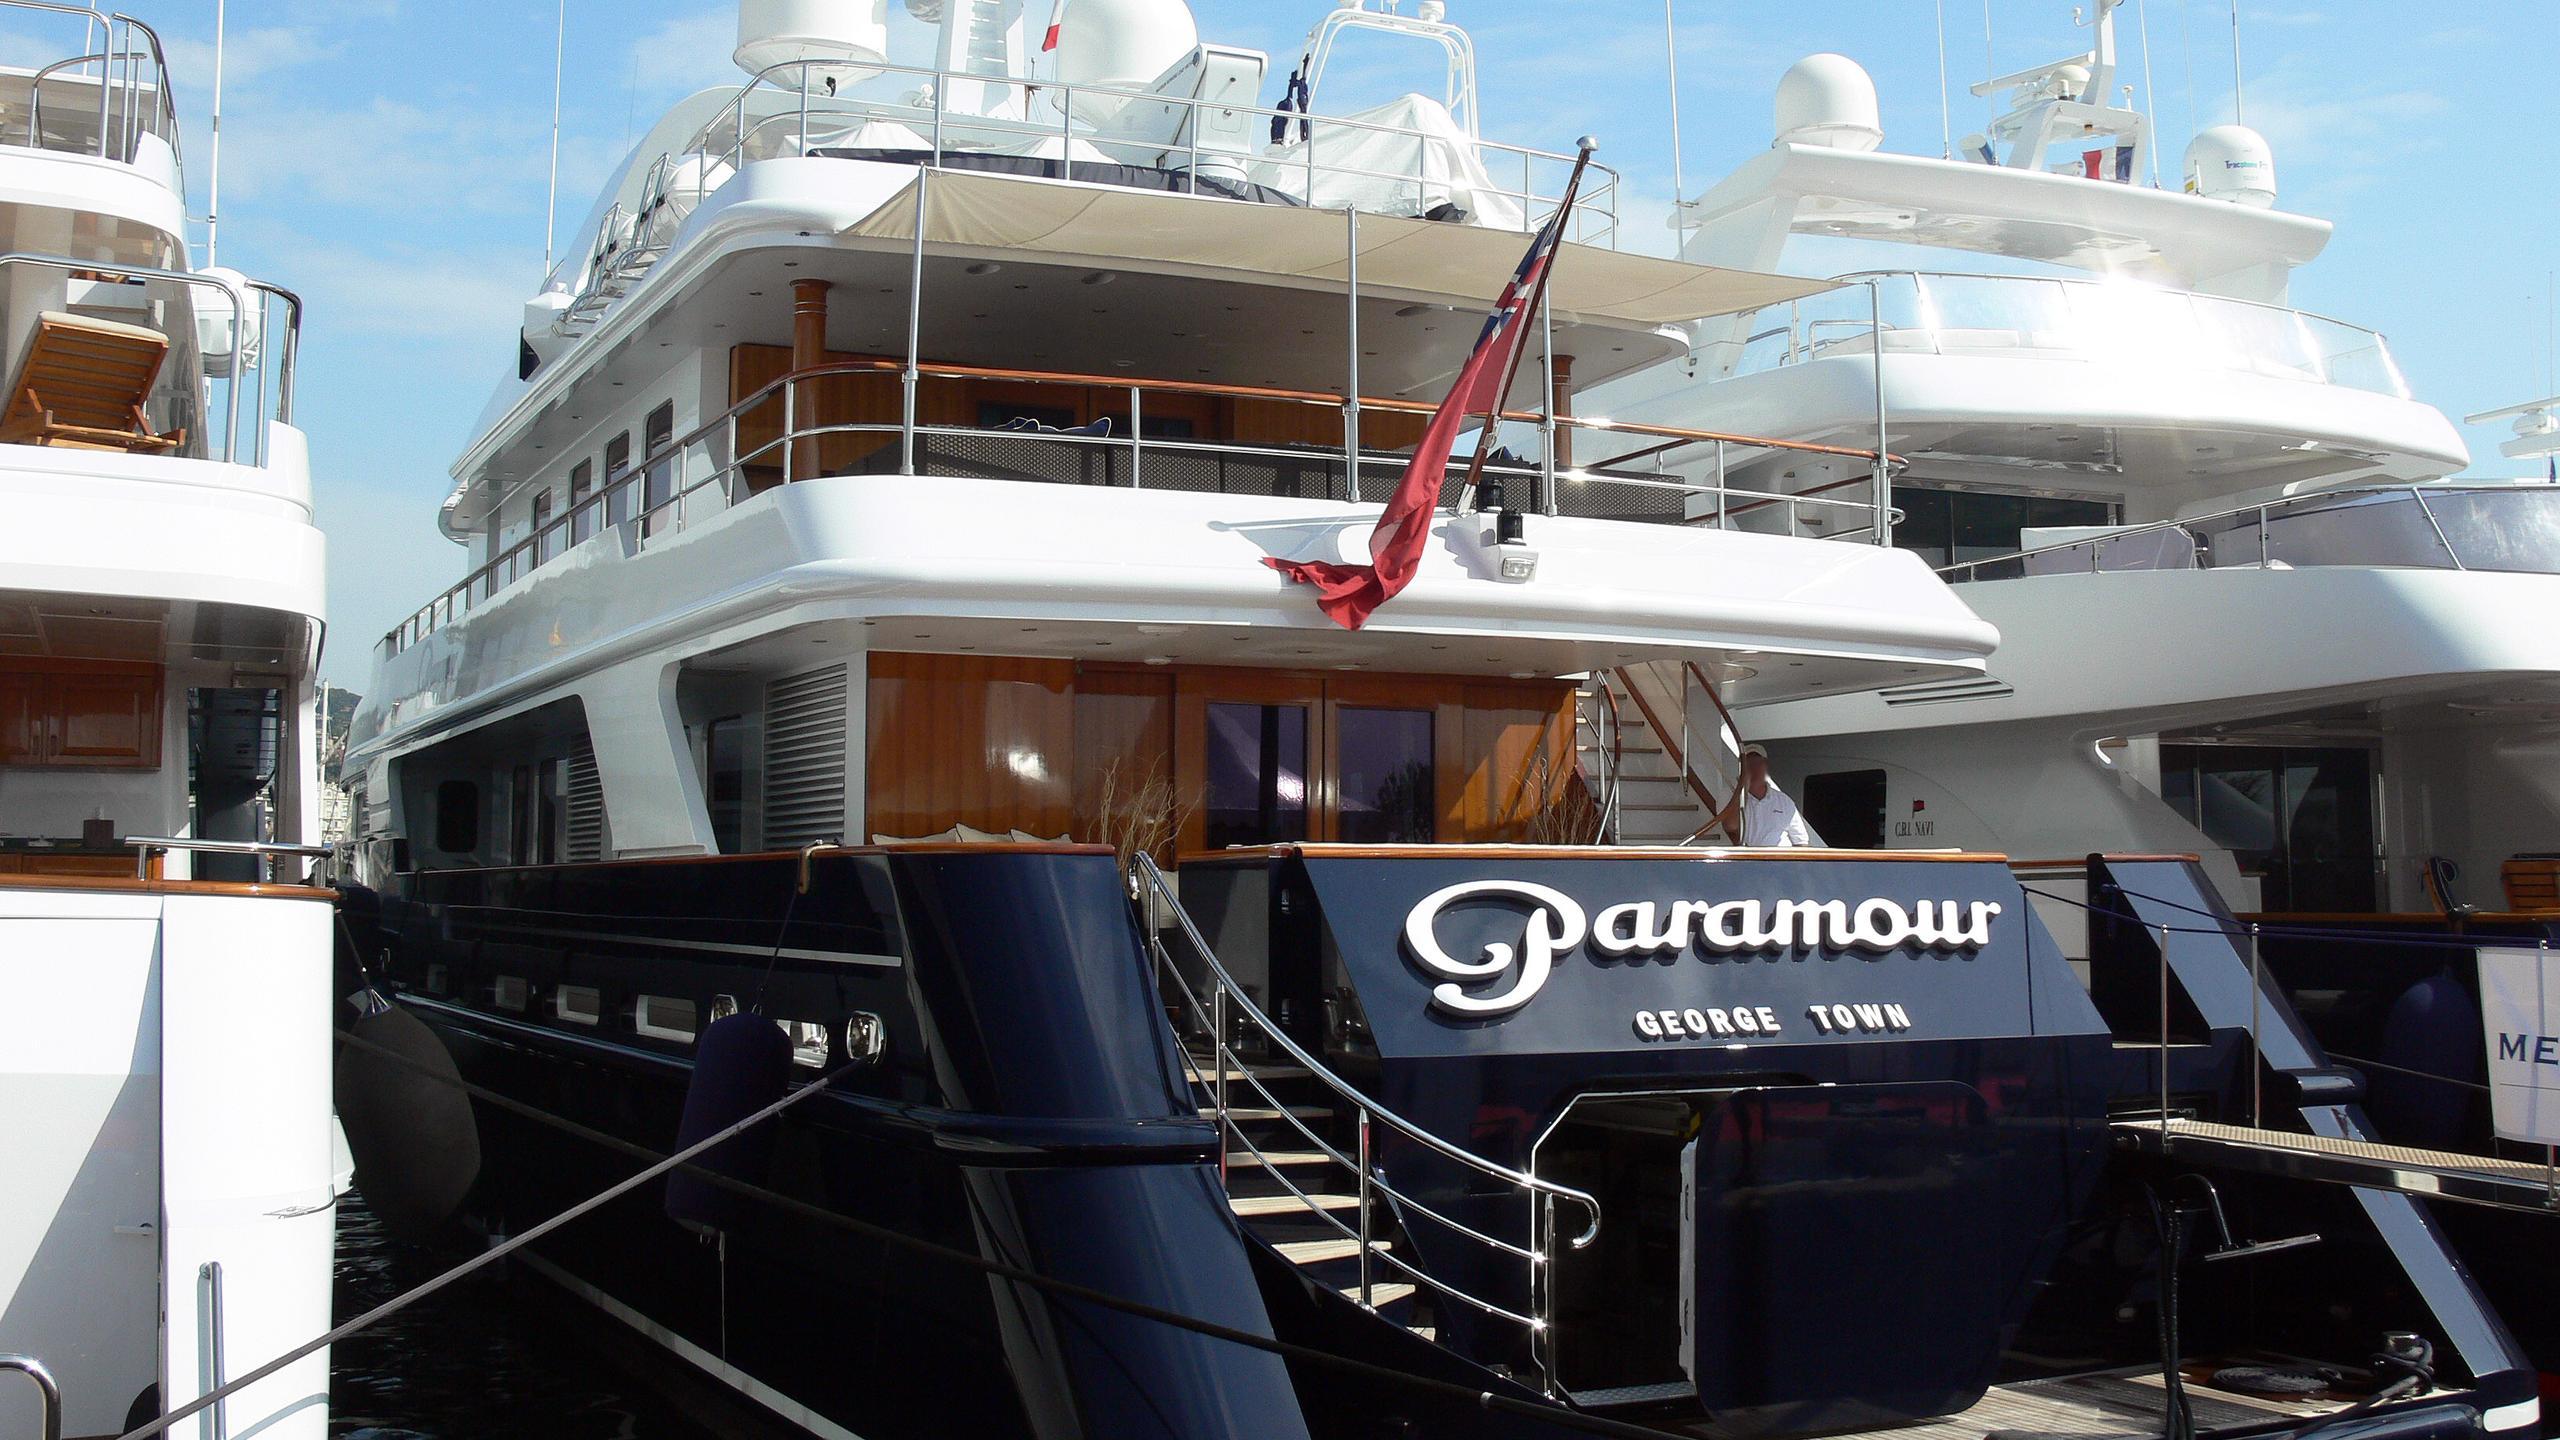 de-de-motor-yacht-cmn-2002-43m-super-stern